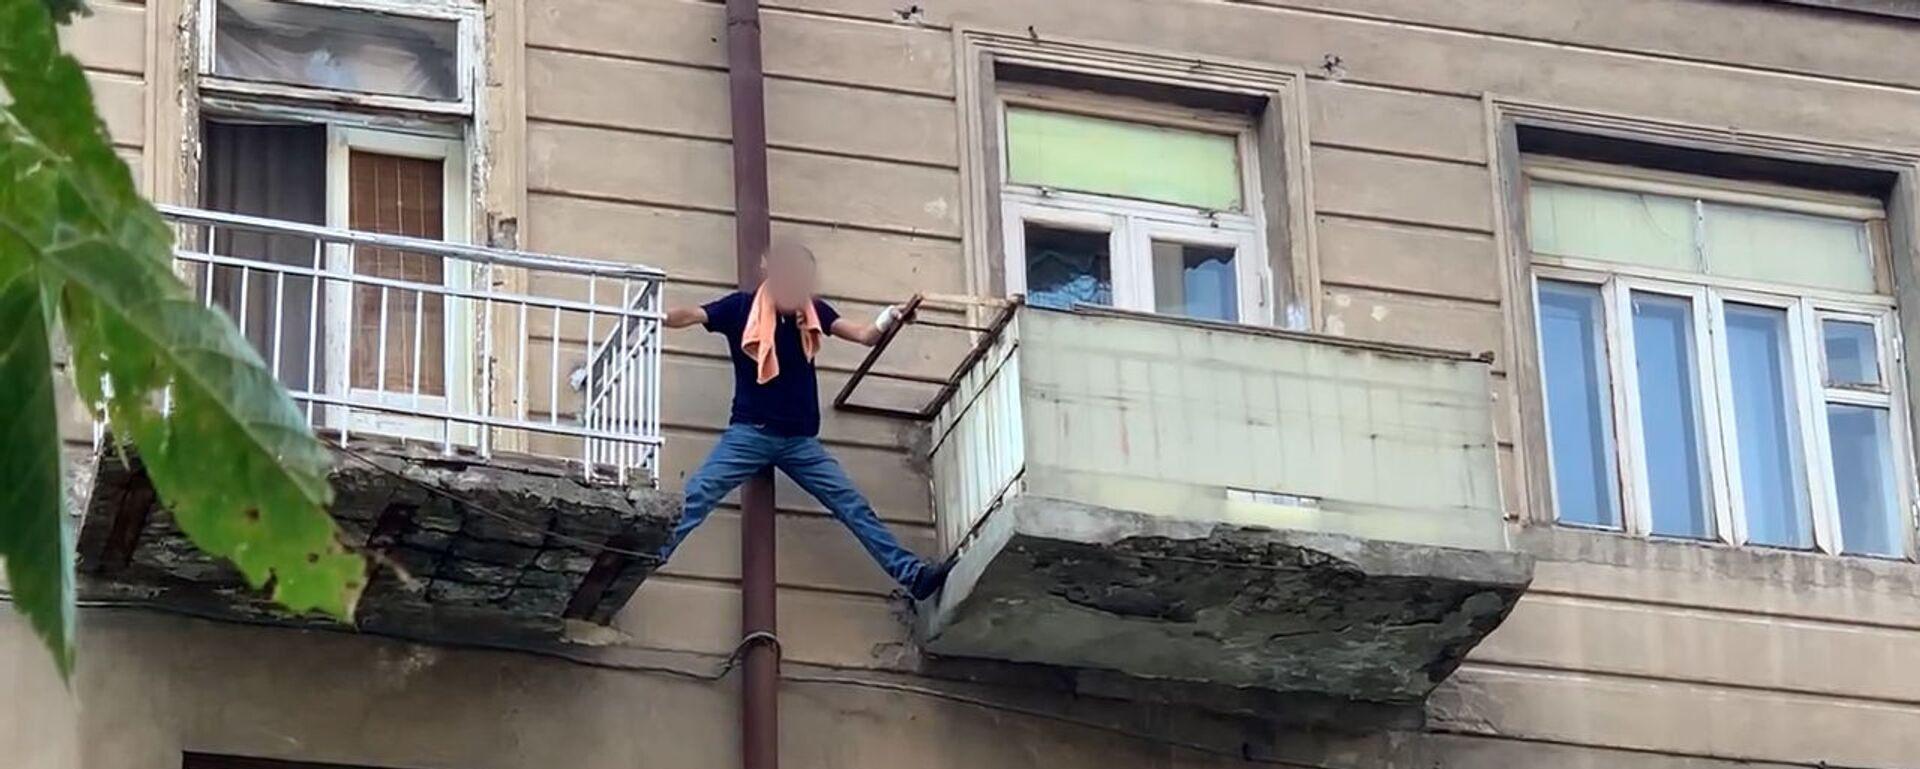 Ինքնասպանության փորձ Երևանում. տղամարդը սպառնում է ցած նետվել պատշգամբից - Sputnik Արմենիա, 1920, 03.09.2021